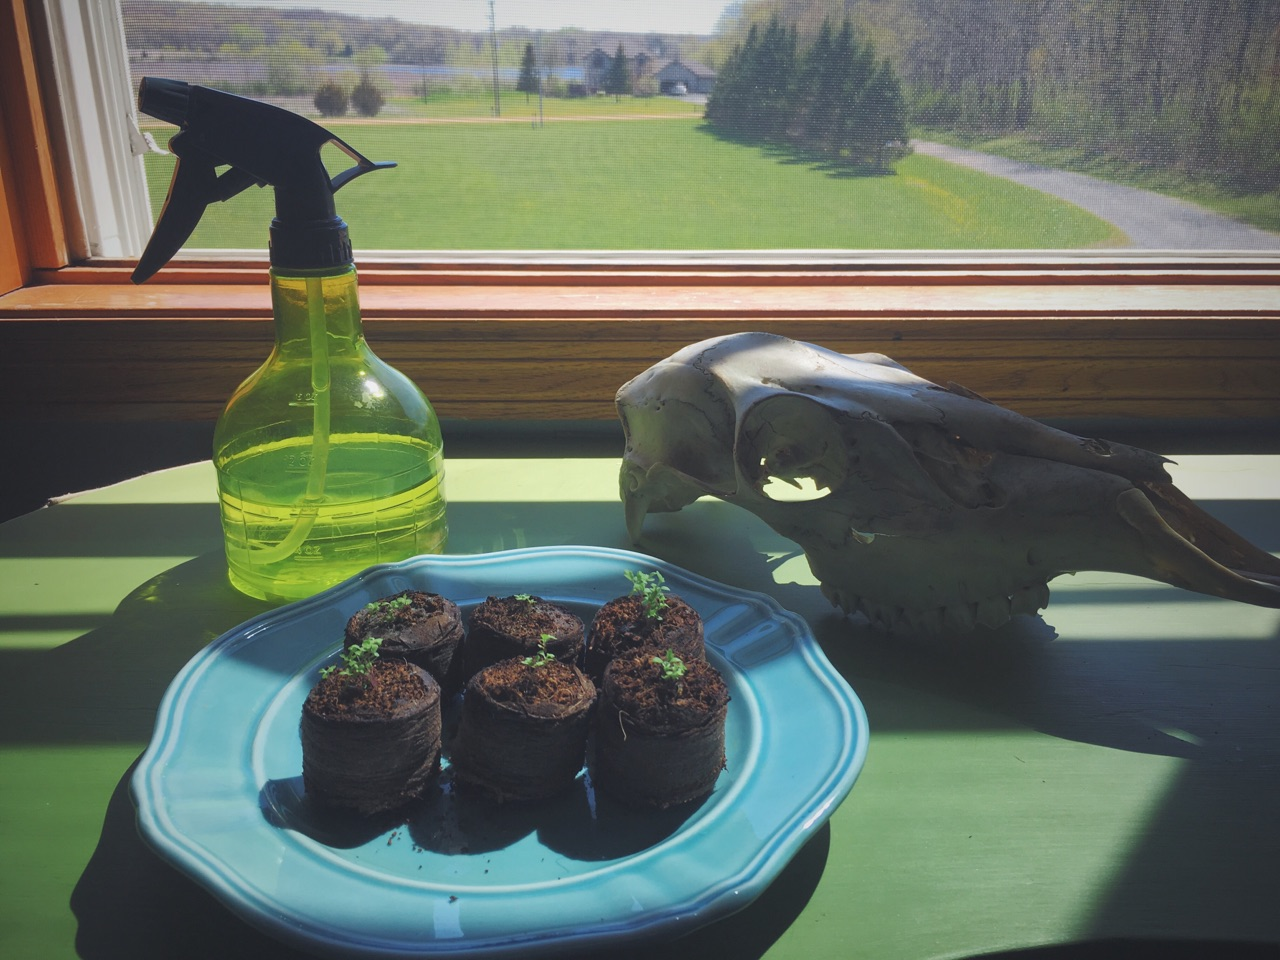 Mugwort seedlings (photo by author)